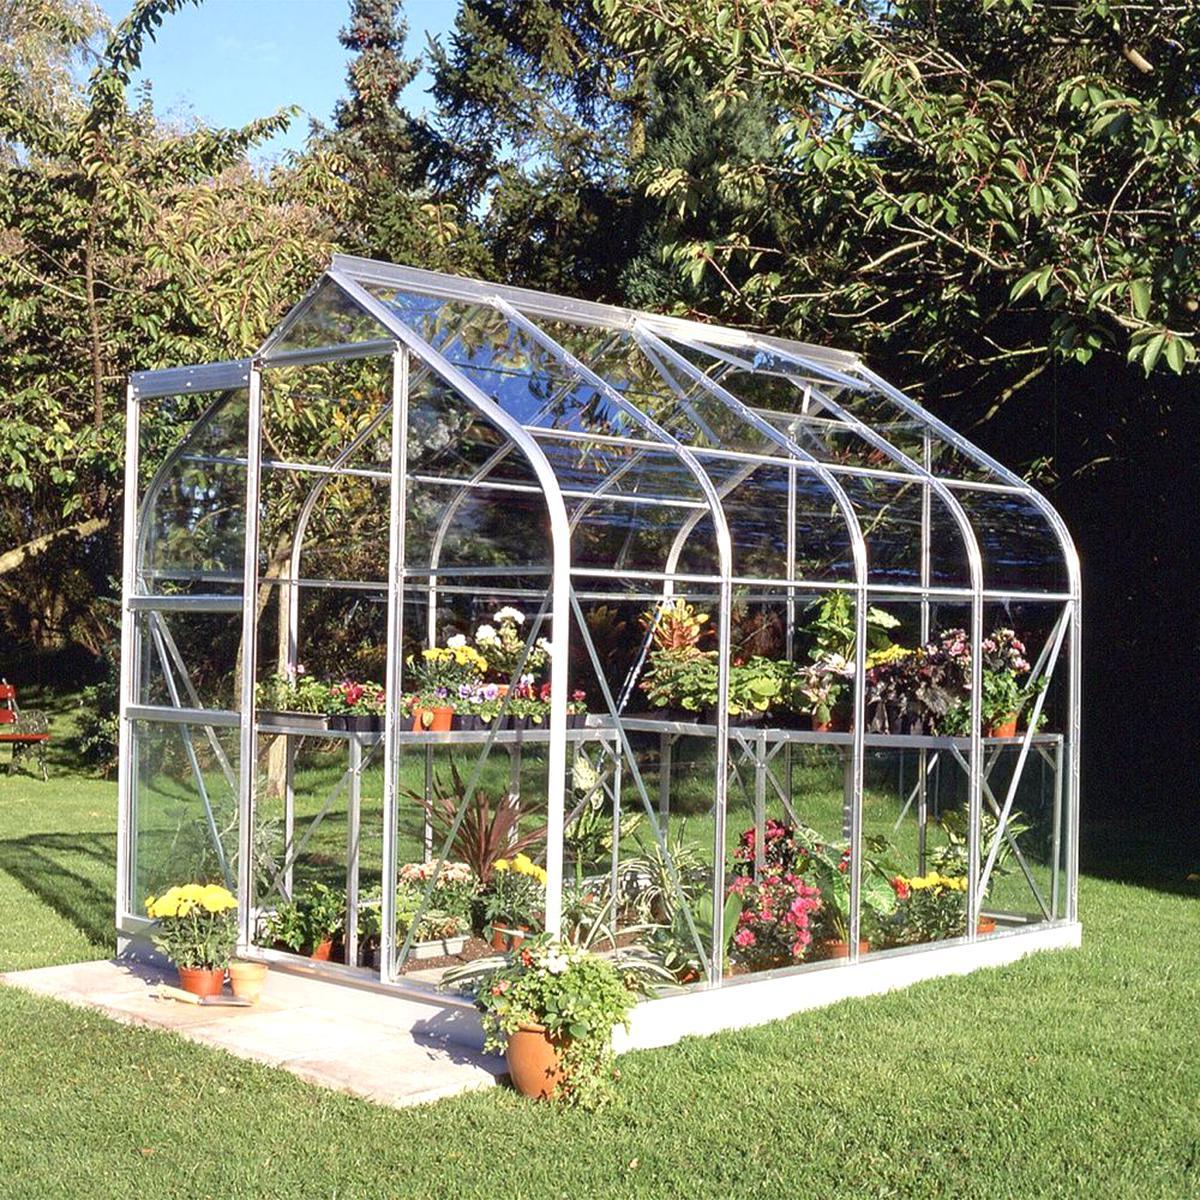 Serre Horticole Verre D'occasion serapportantà Serre De Jardin D Occasion